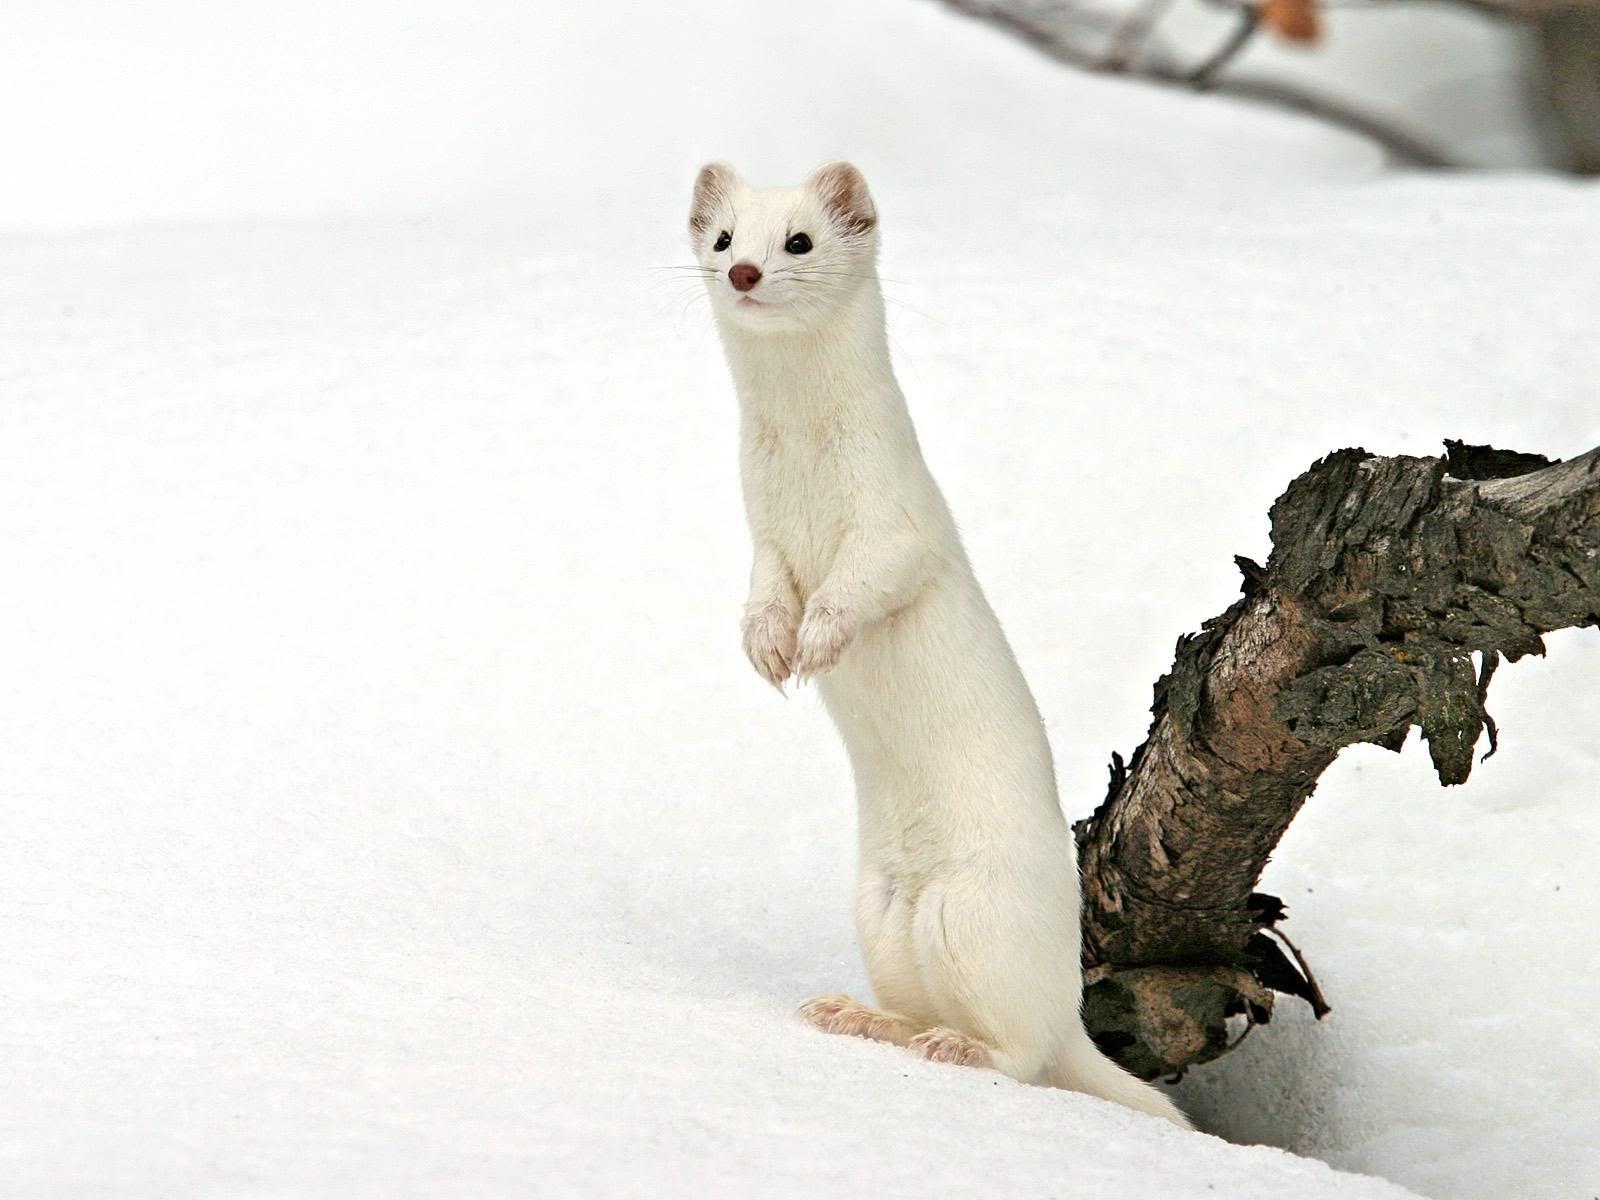 オコジョよりかわいい動物 動物の壁紙 動物 珍しい動物